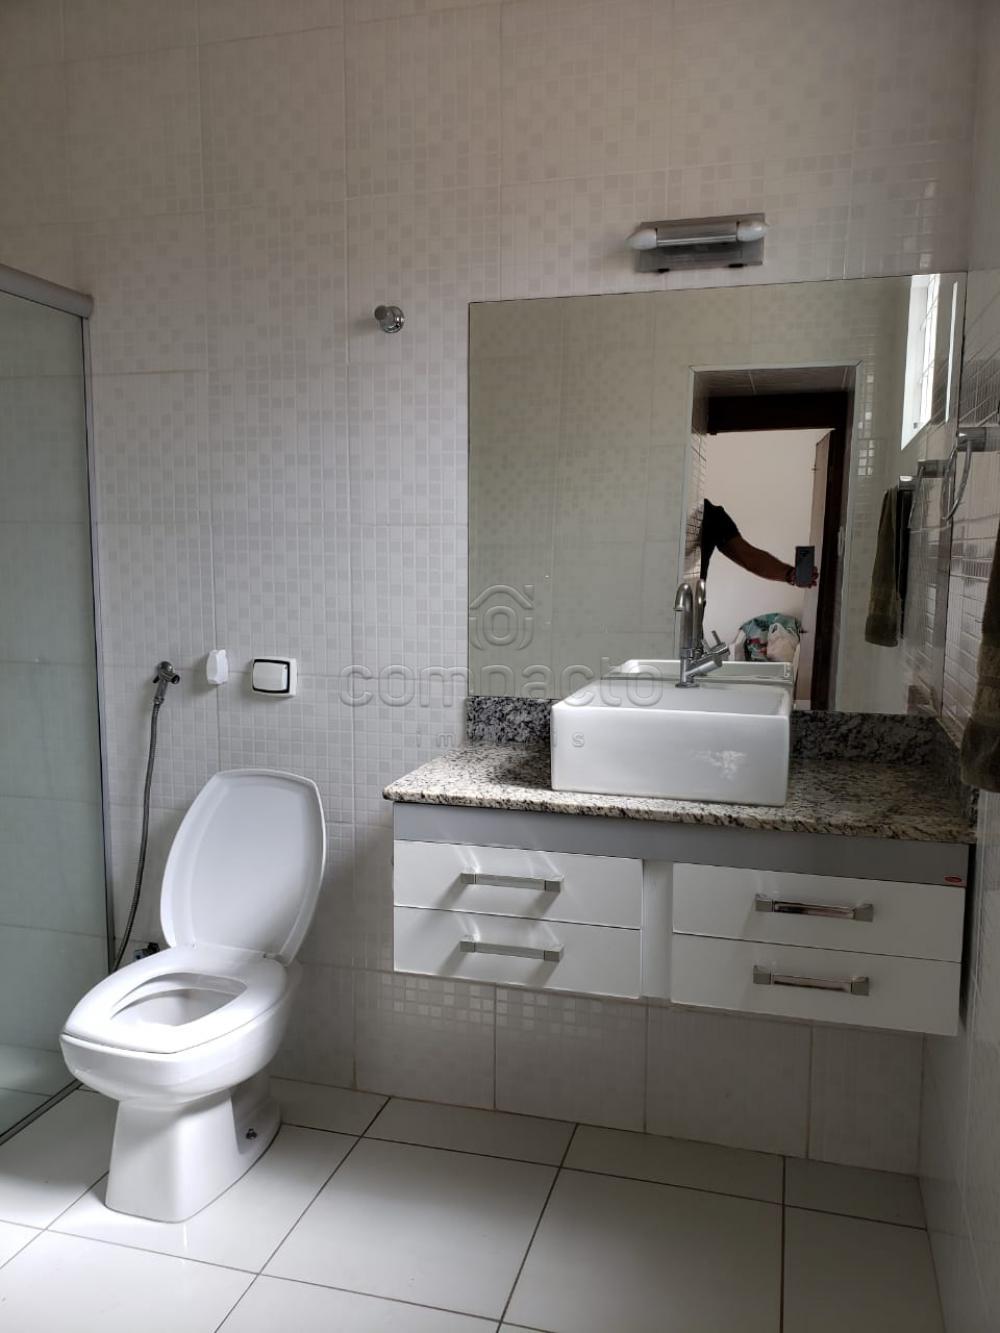 Alugar Casa / Padrão em São José do Rio Preto apenas R$ 2.000,00 - Foto 7